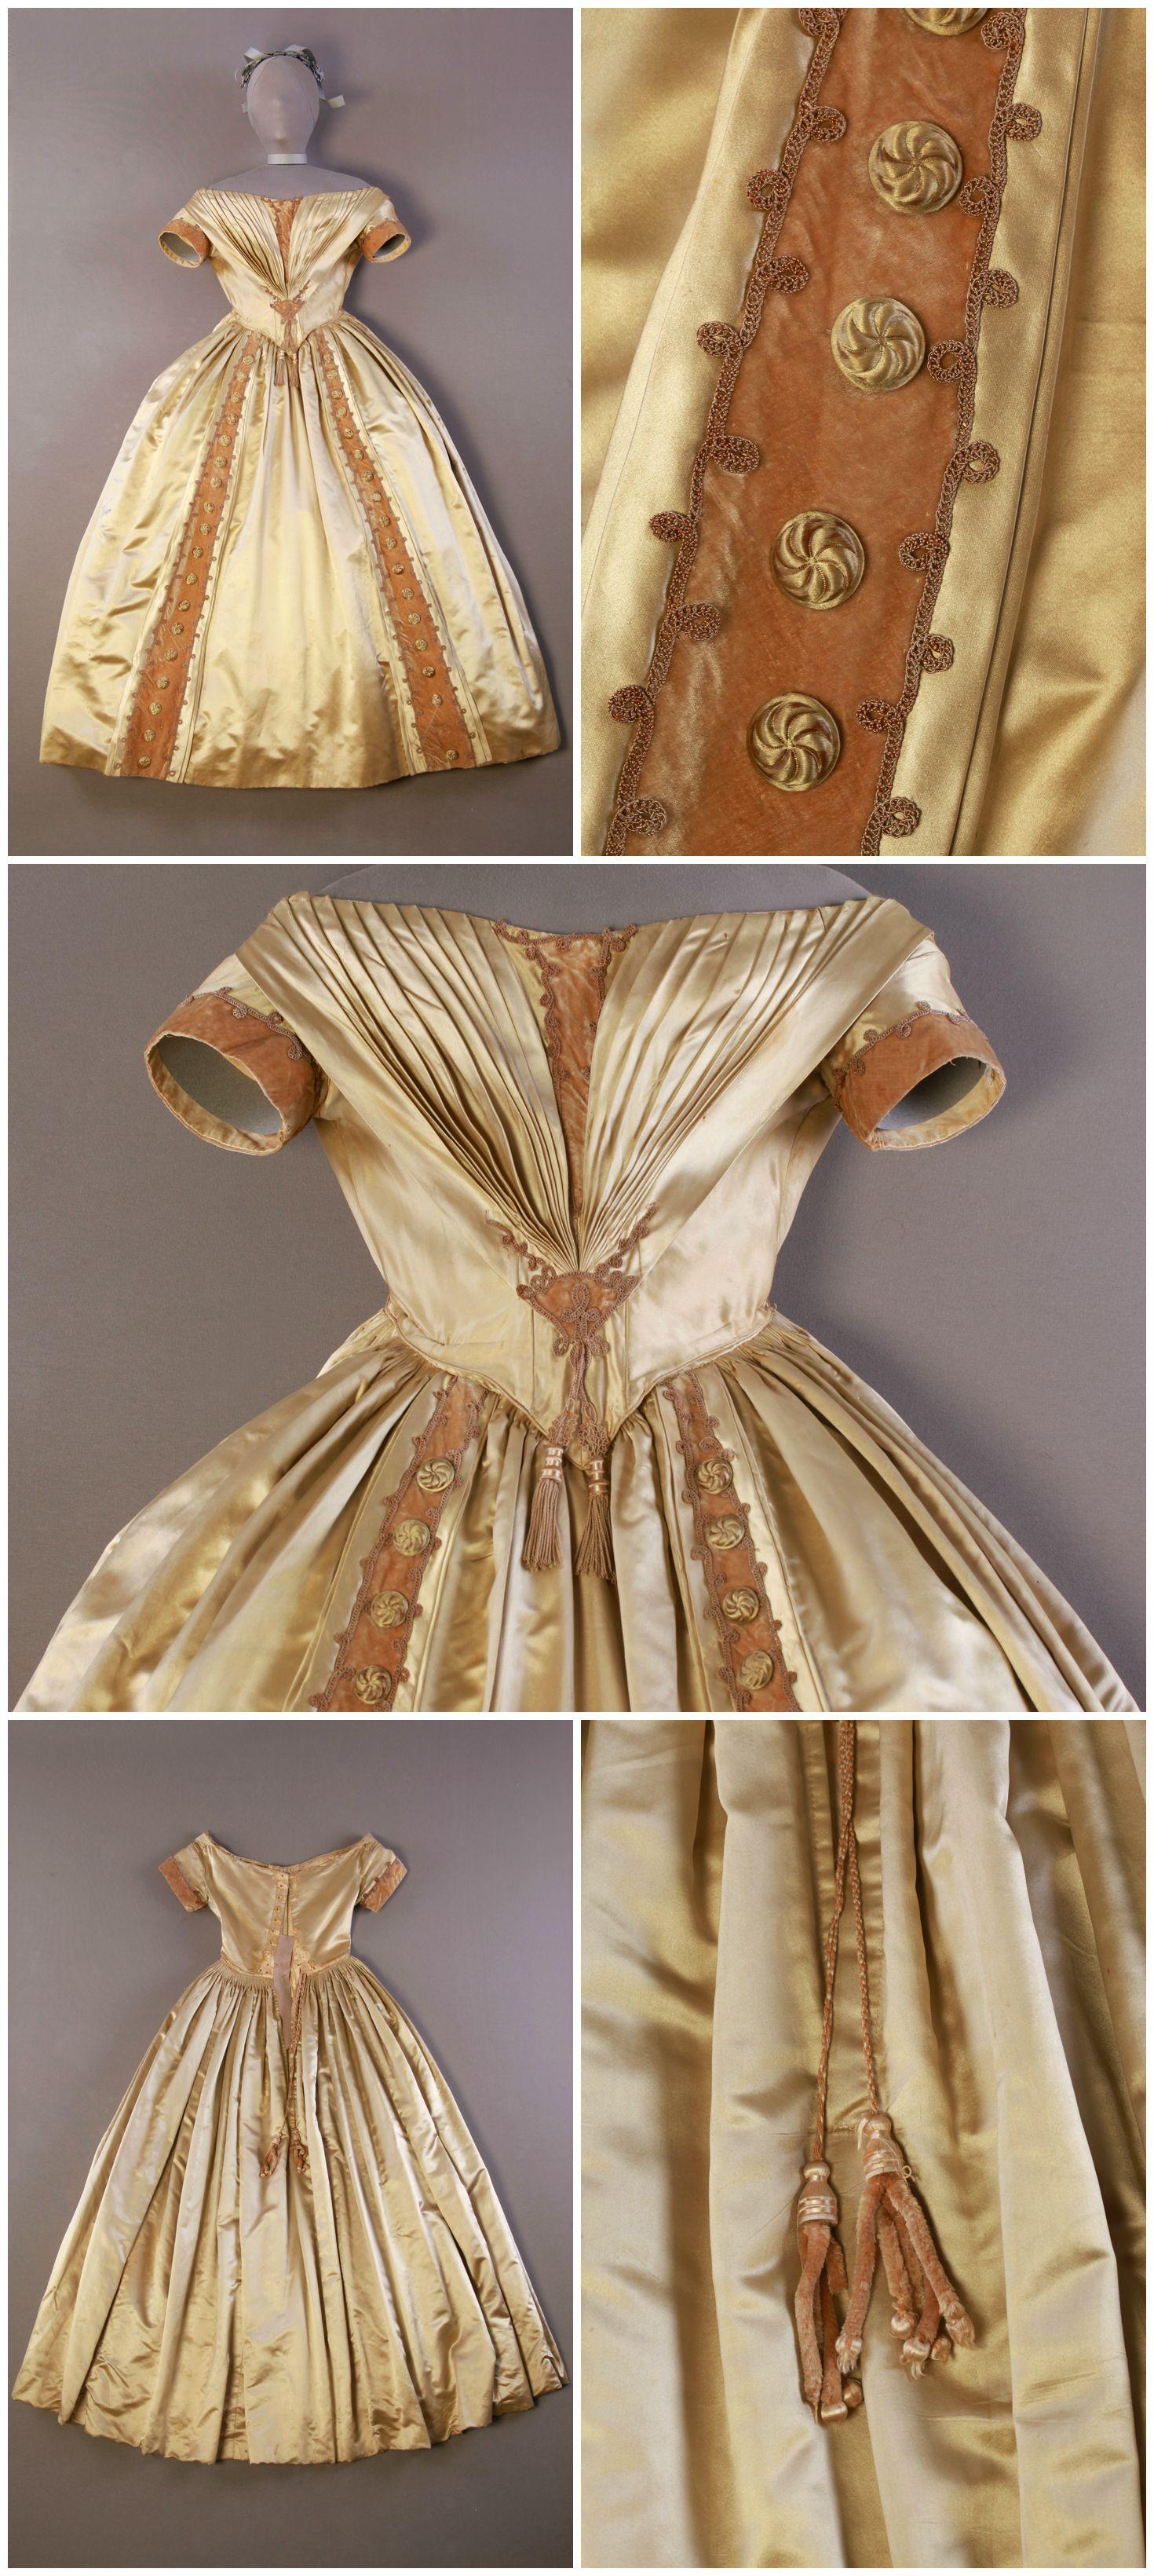 1839-43, abendkleid aus seidensatin und samt | mode, kleider